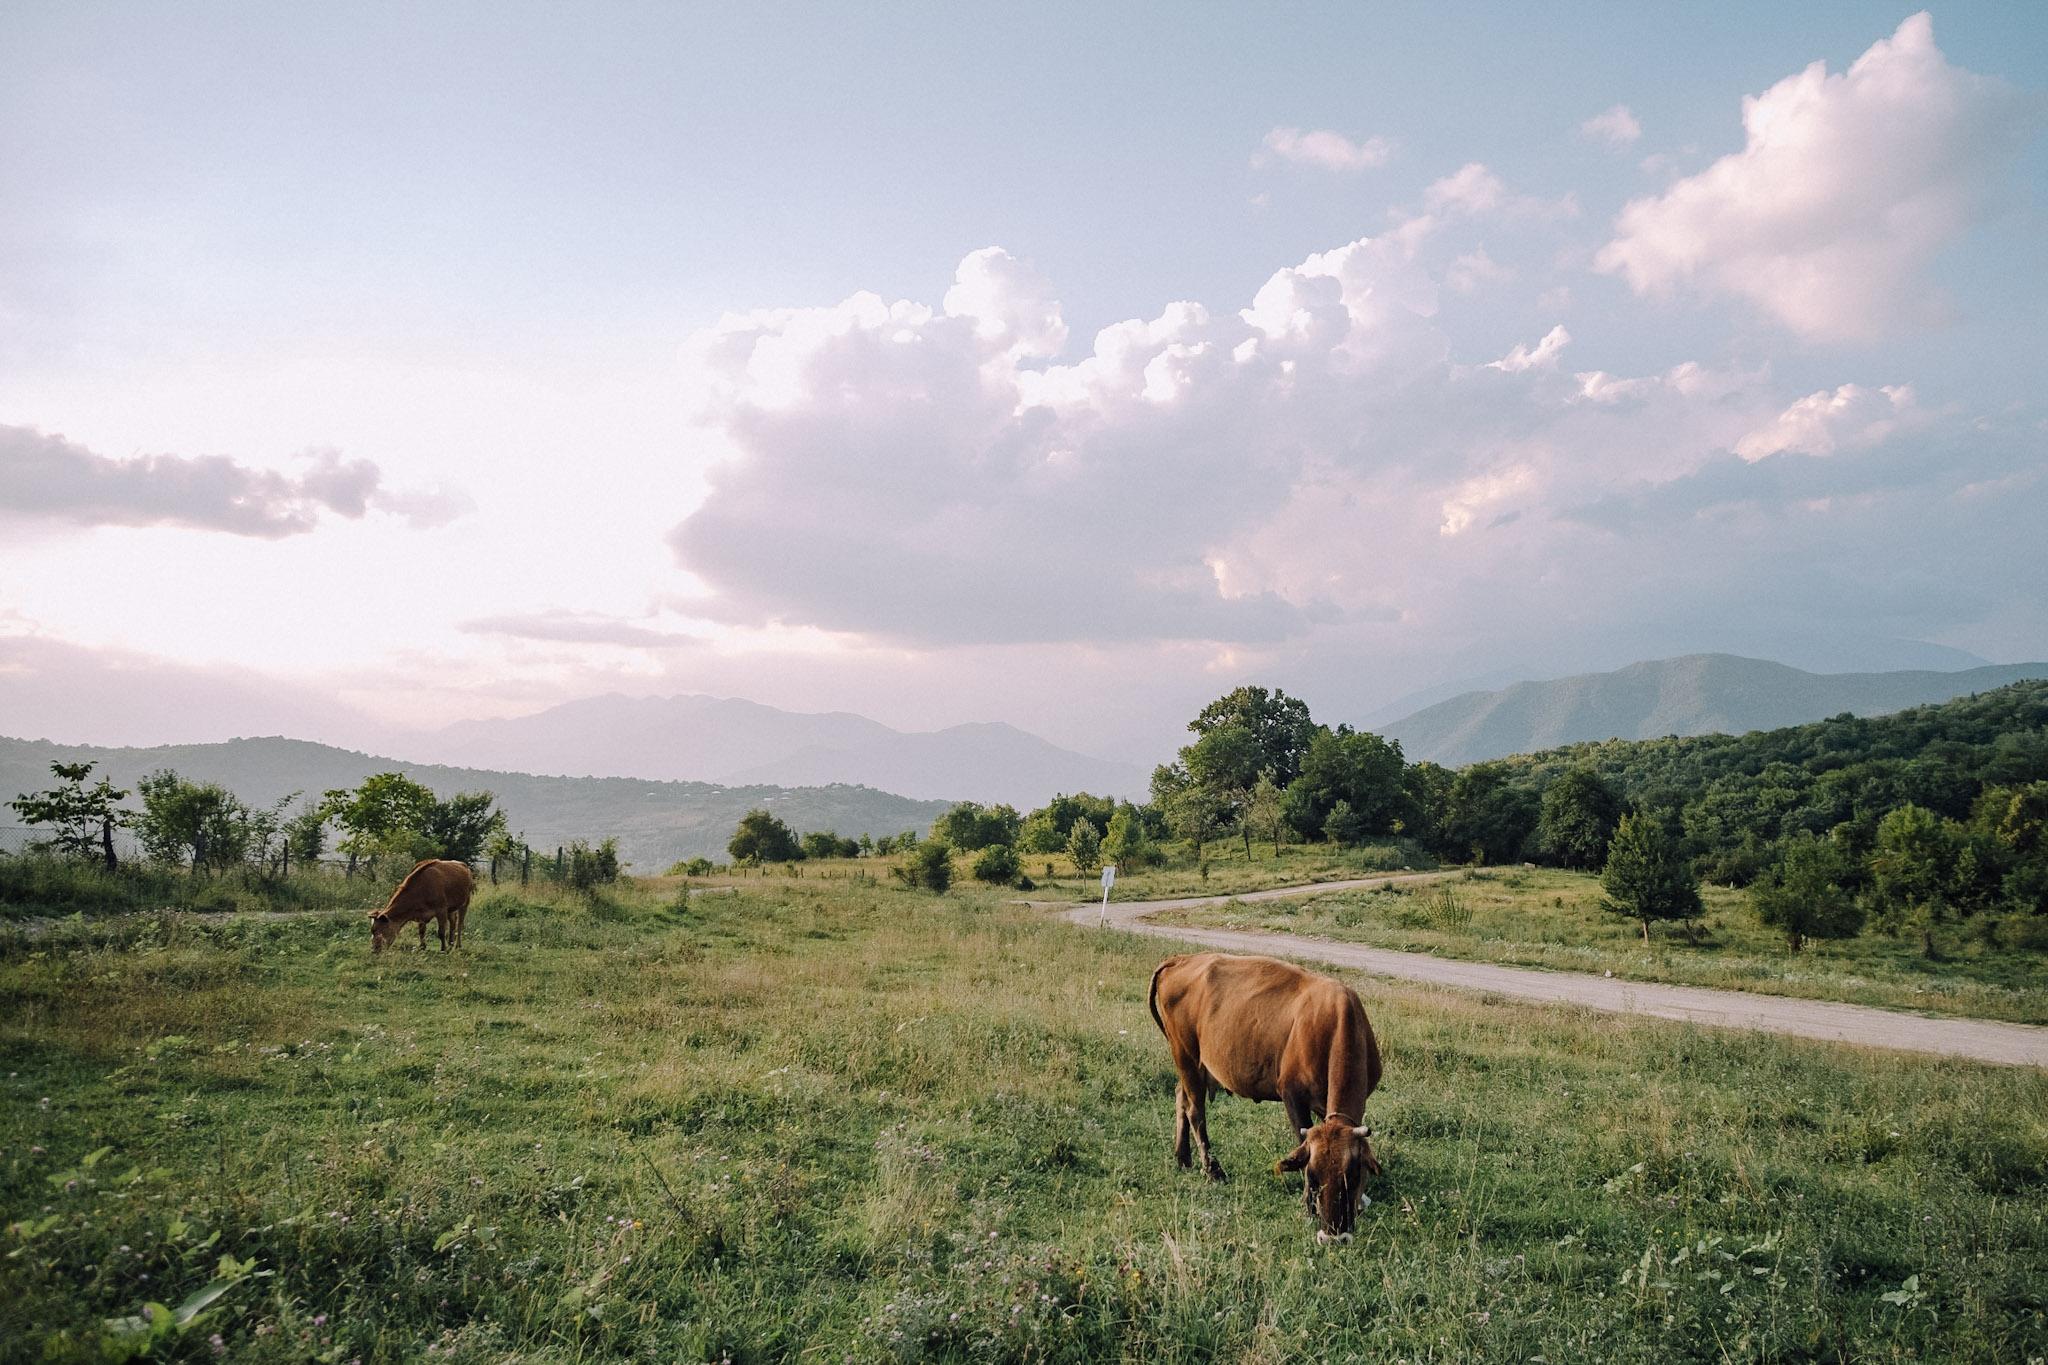 Two cows are grazing in a field   in Tskhmori, Georgia, in Dimitri Mais' photo